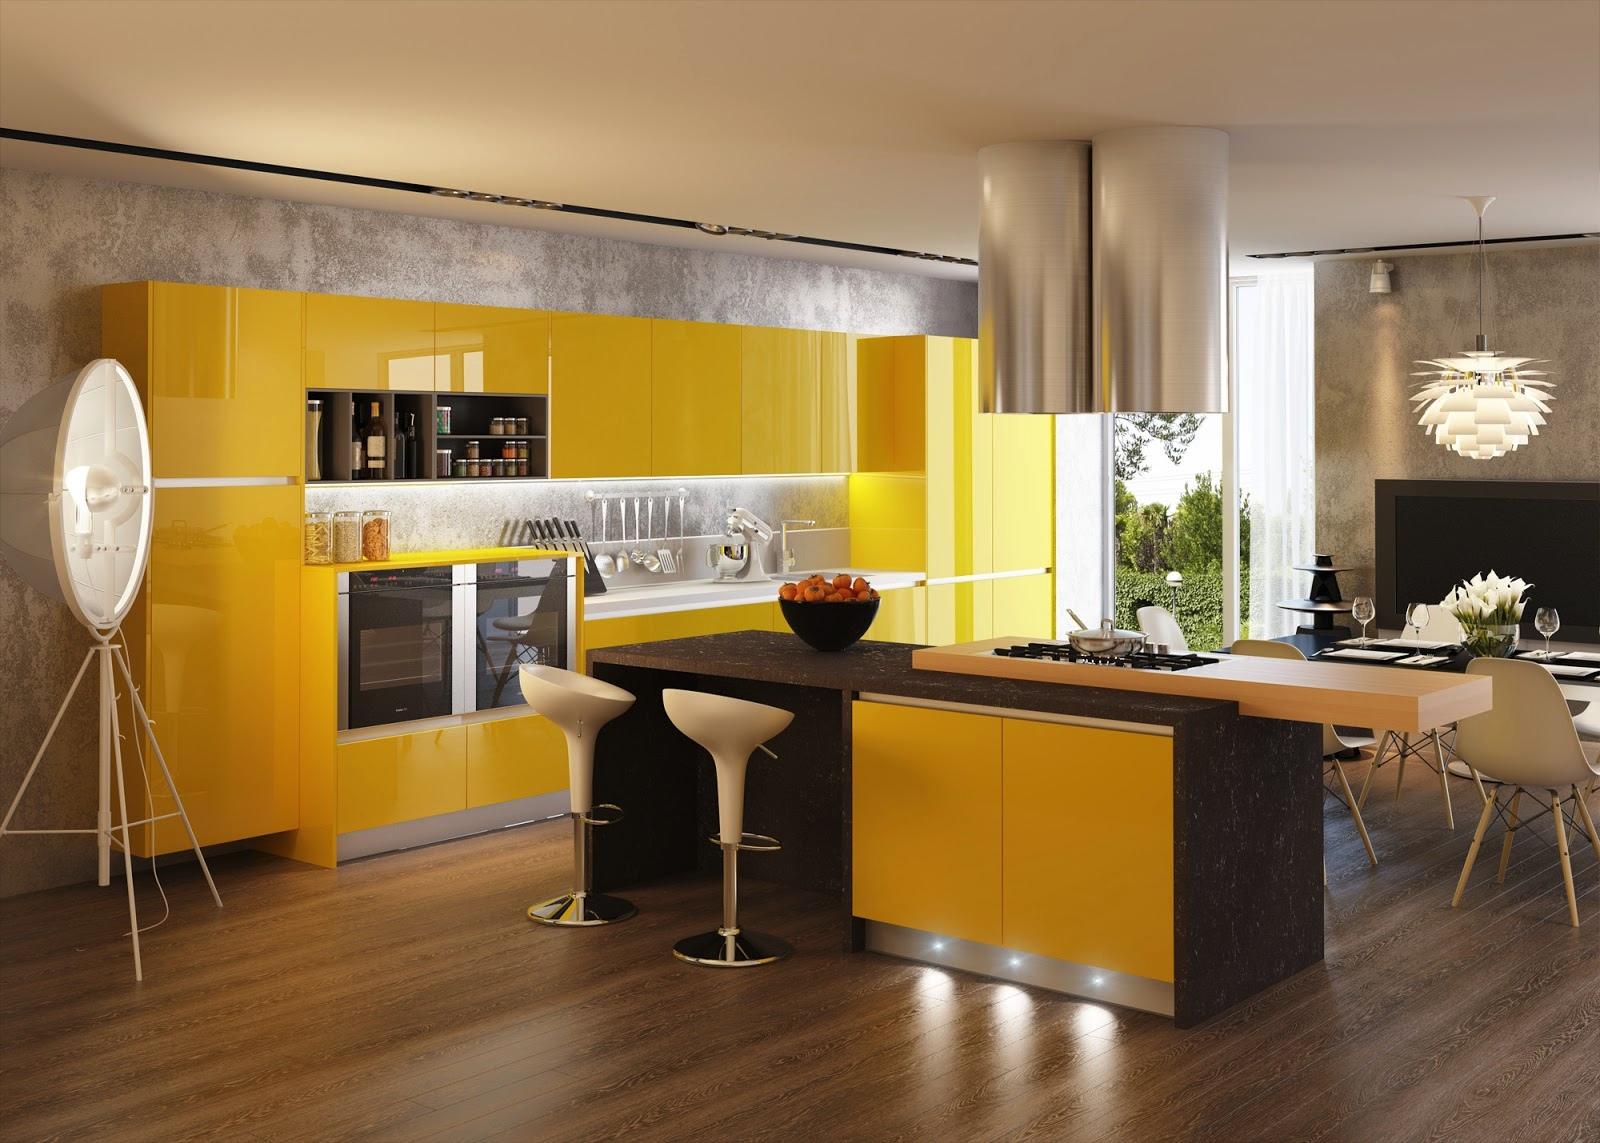 idees de combinaisons couleurs cuisine moderne